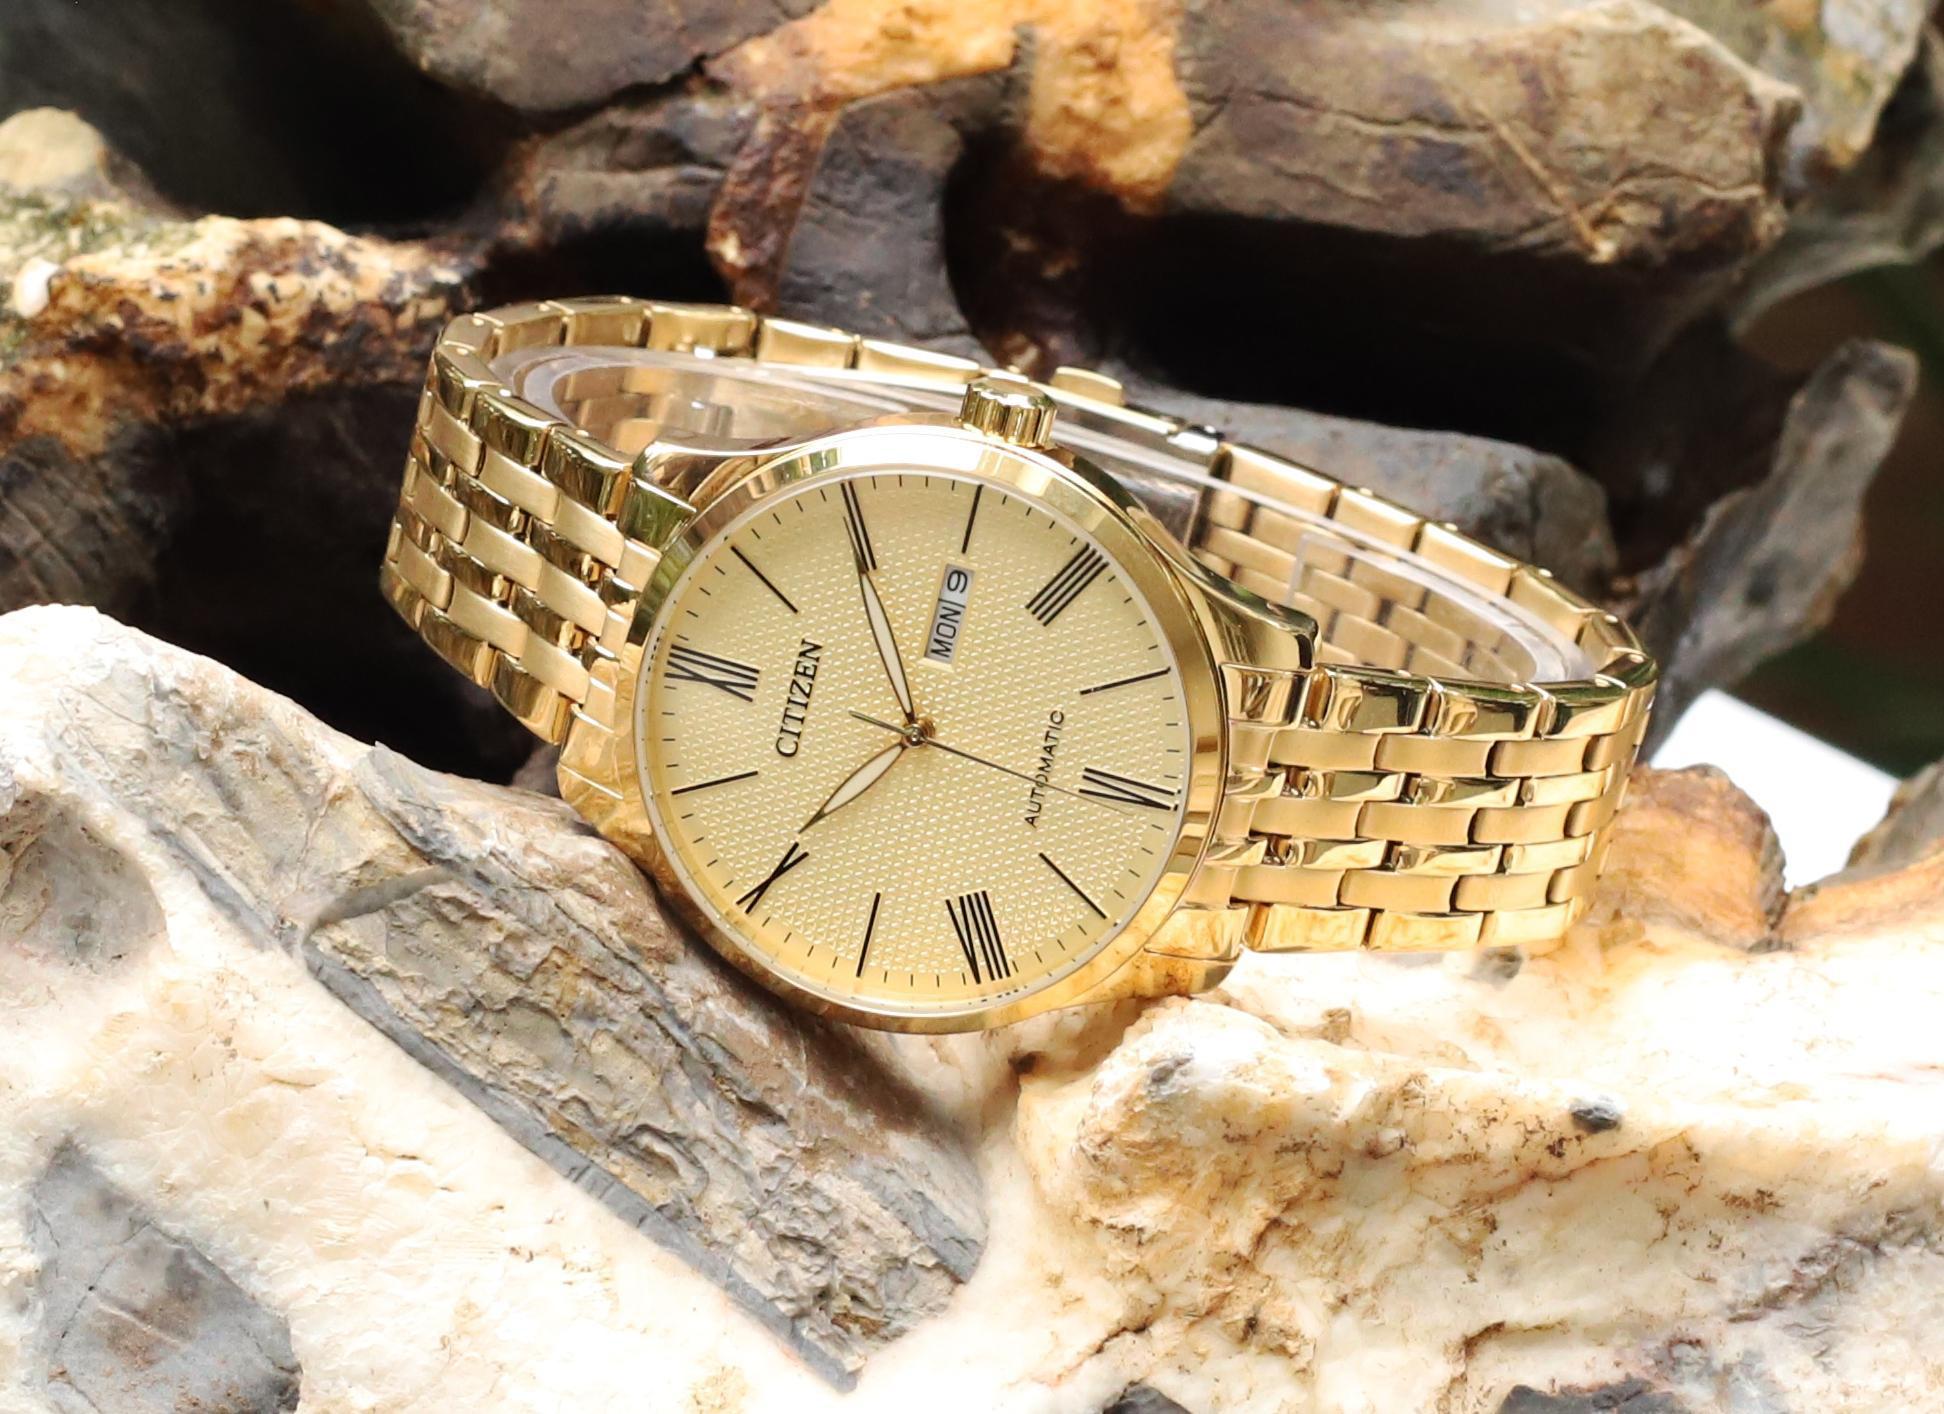 Mua đồng hồ Citizen ở đâu giá rẻ? Đăng Quang Watch còn rẻ hơn với ưu đãi lên đến 40% - Ảnh 1.